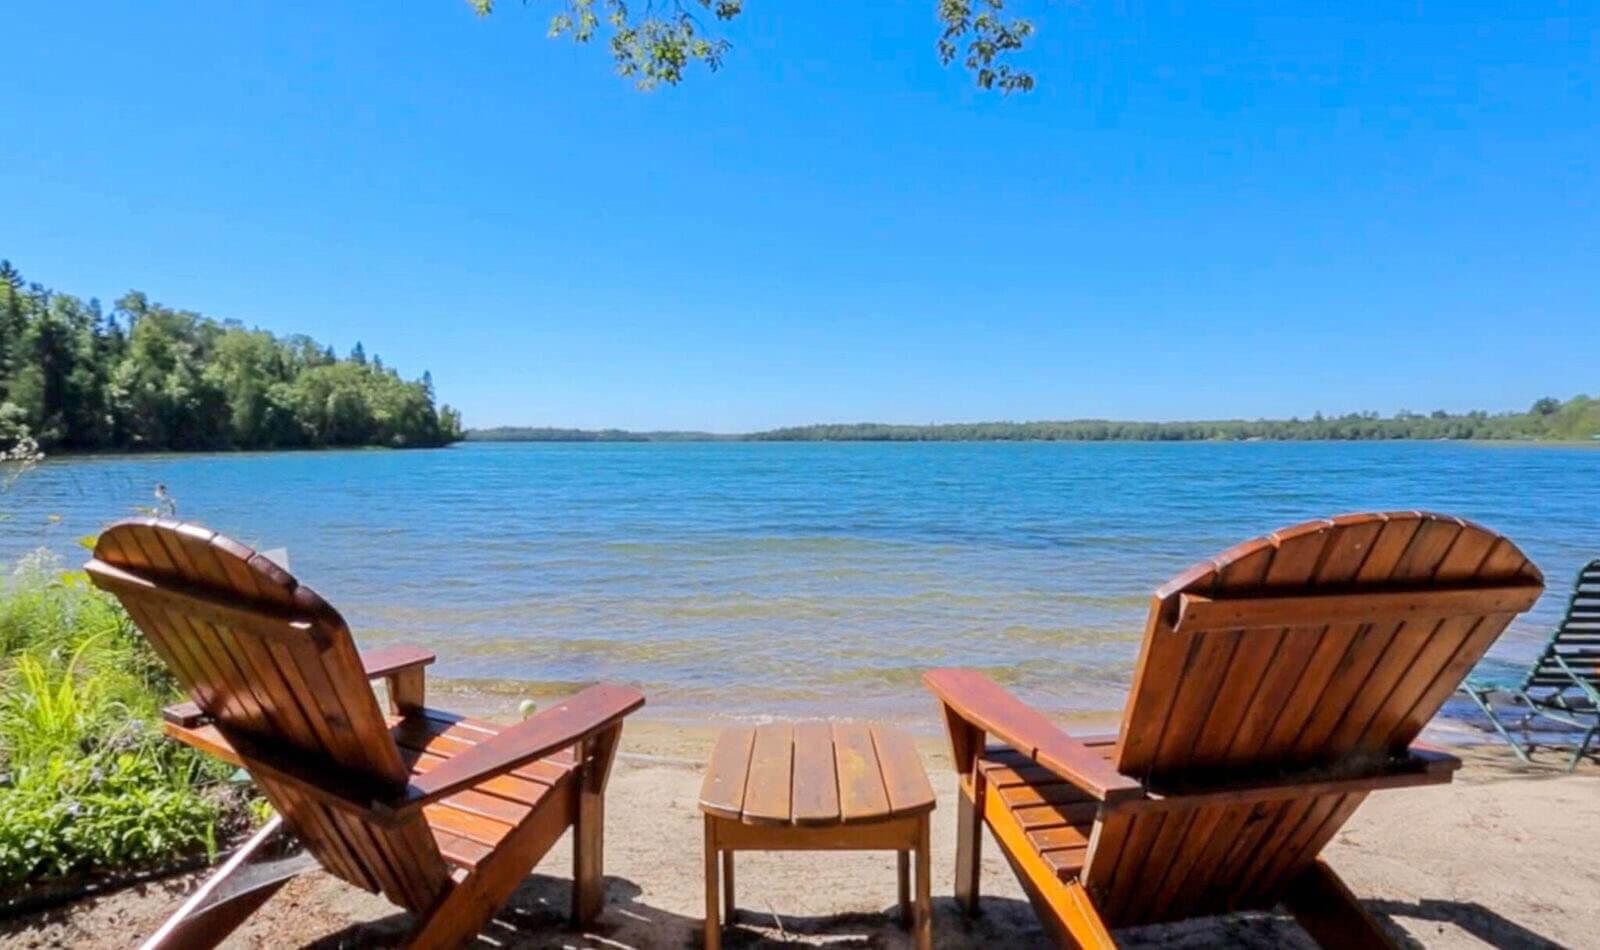 Wabana Lake Chain Real Estate   Wabana Lake Chain Homes for Sale